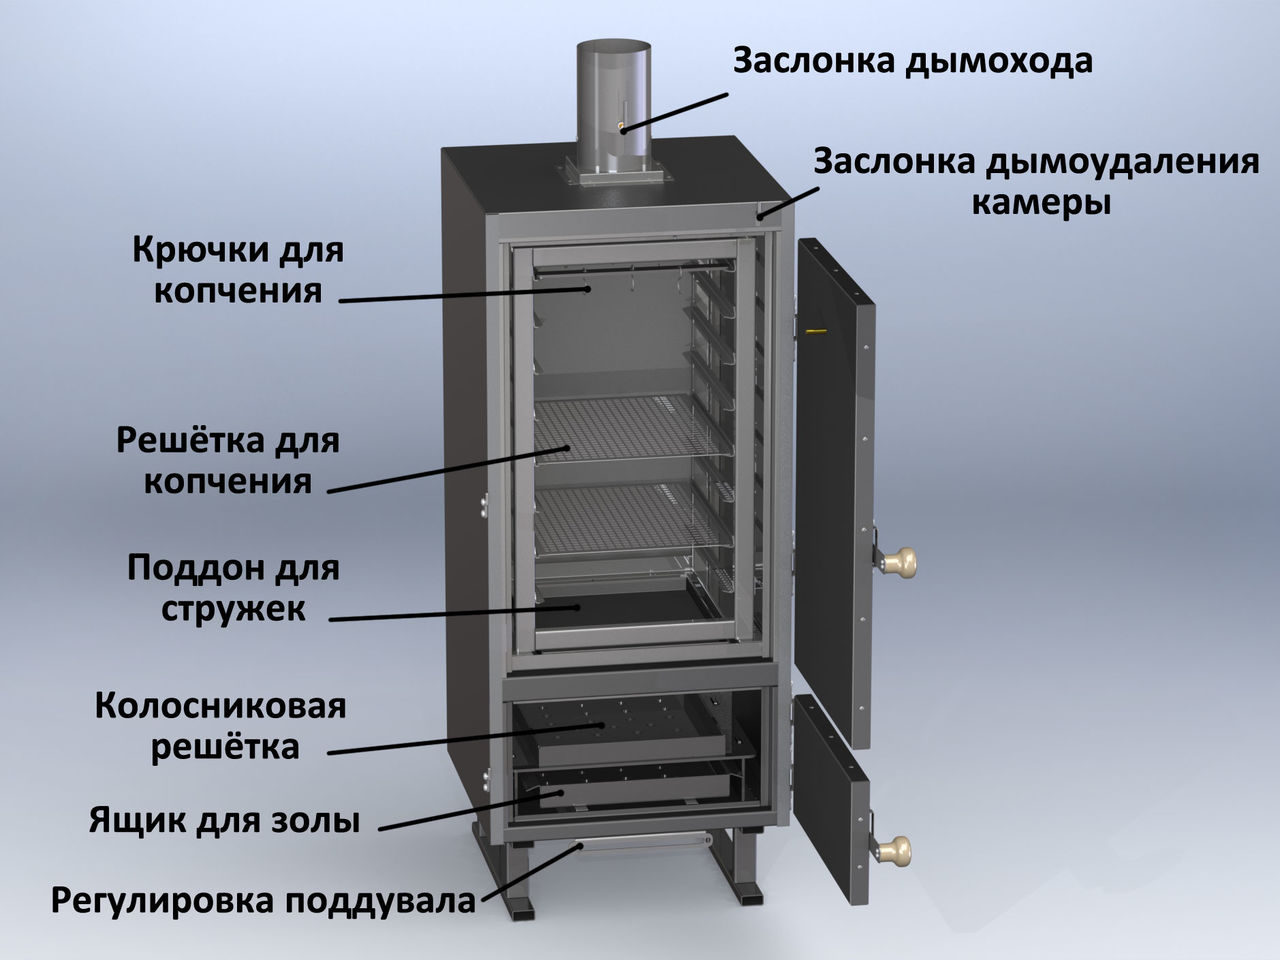 Коптильня своими руками (89 фото): как сделать в домашних условиях - пошаговая инструкция, чертеж самодельного приспособления для горячего и холодного копчения